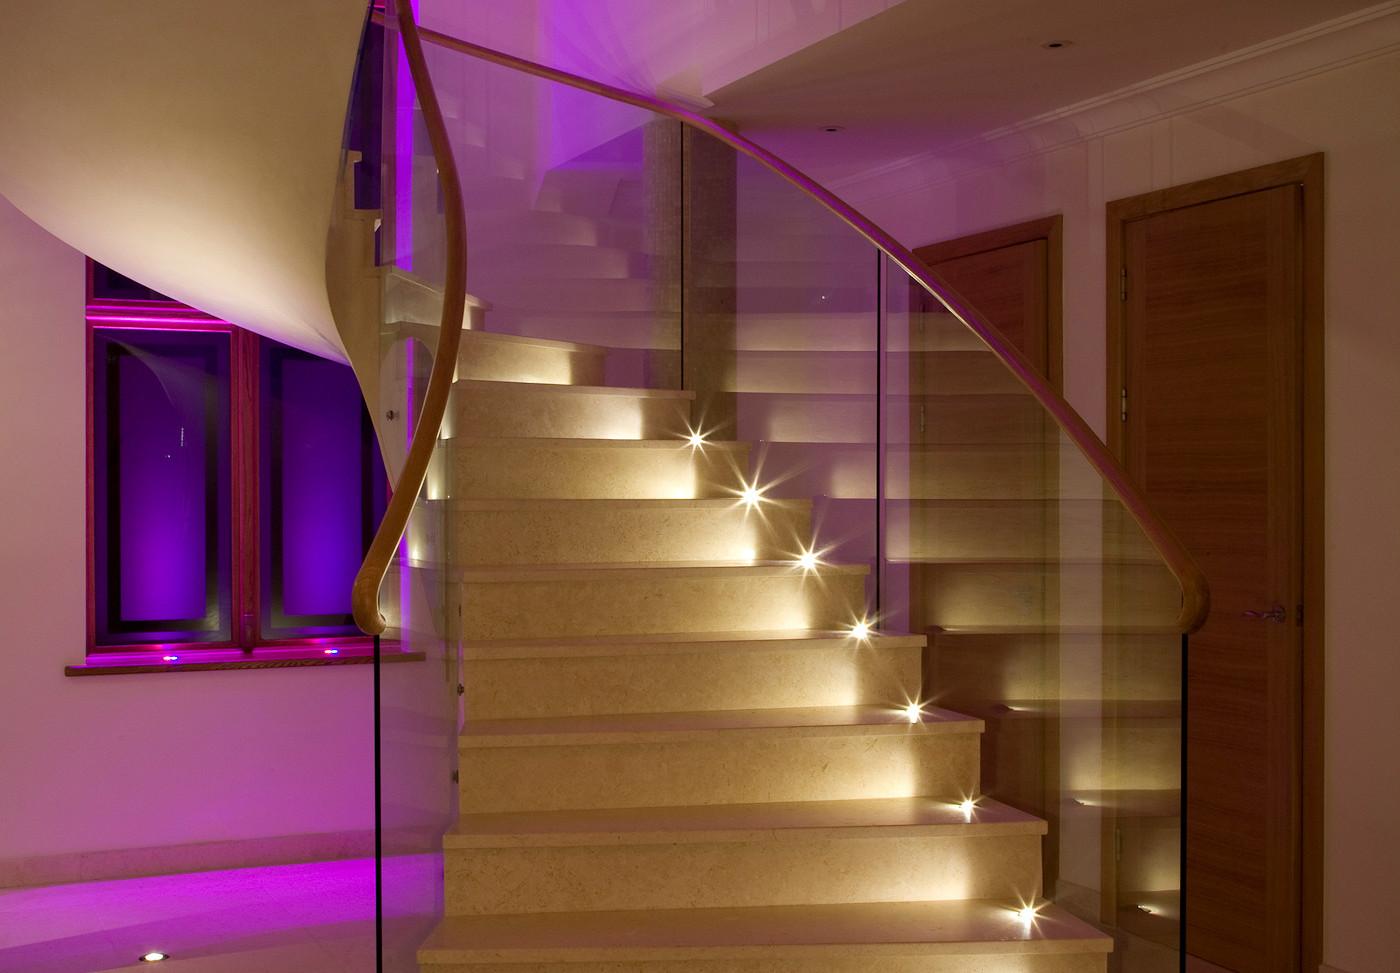 Stair-lighting-led-design-idea-6.jpg